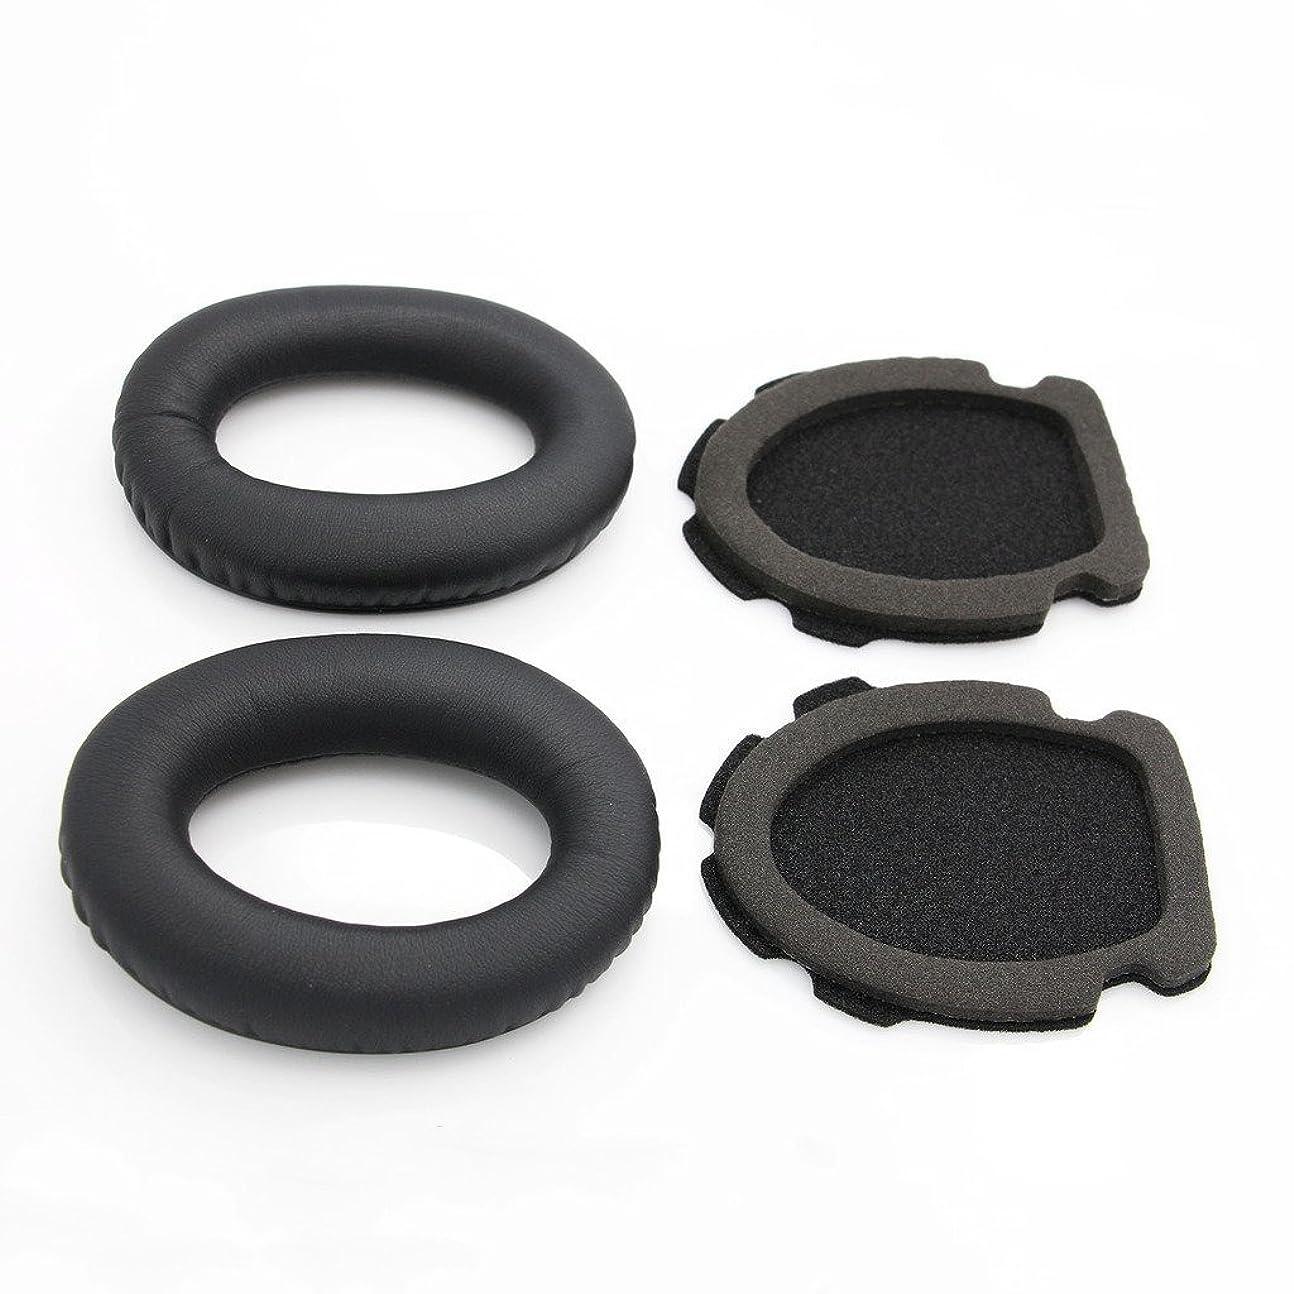 鉄すべき細部BOS Aviation Headset A10 & A20対応用イヤーパッド クッション イヤーカバー イヤーカップ イヤークッション ヘッドホンパッドReplacement Earpad